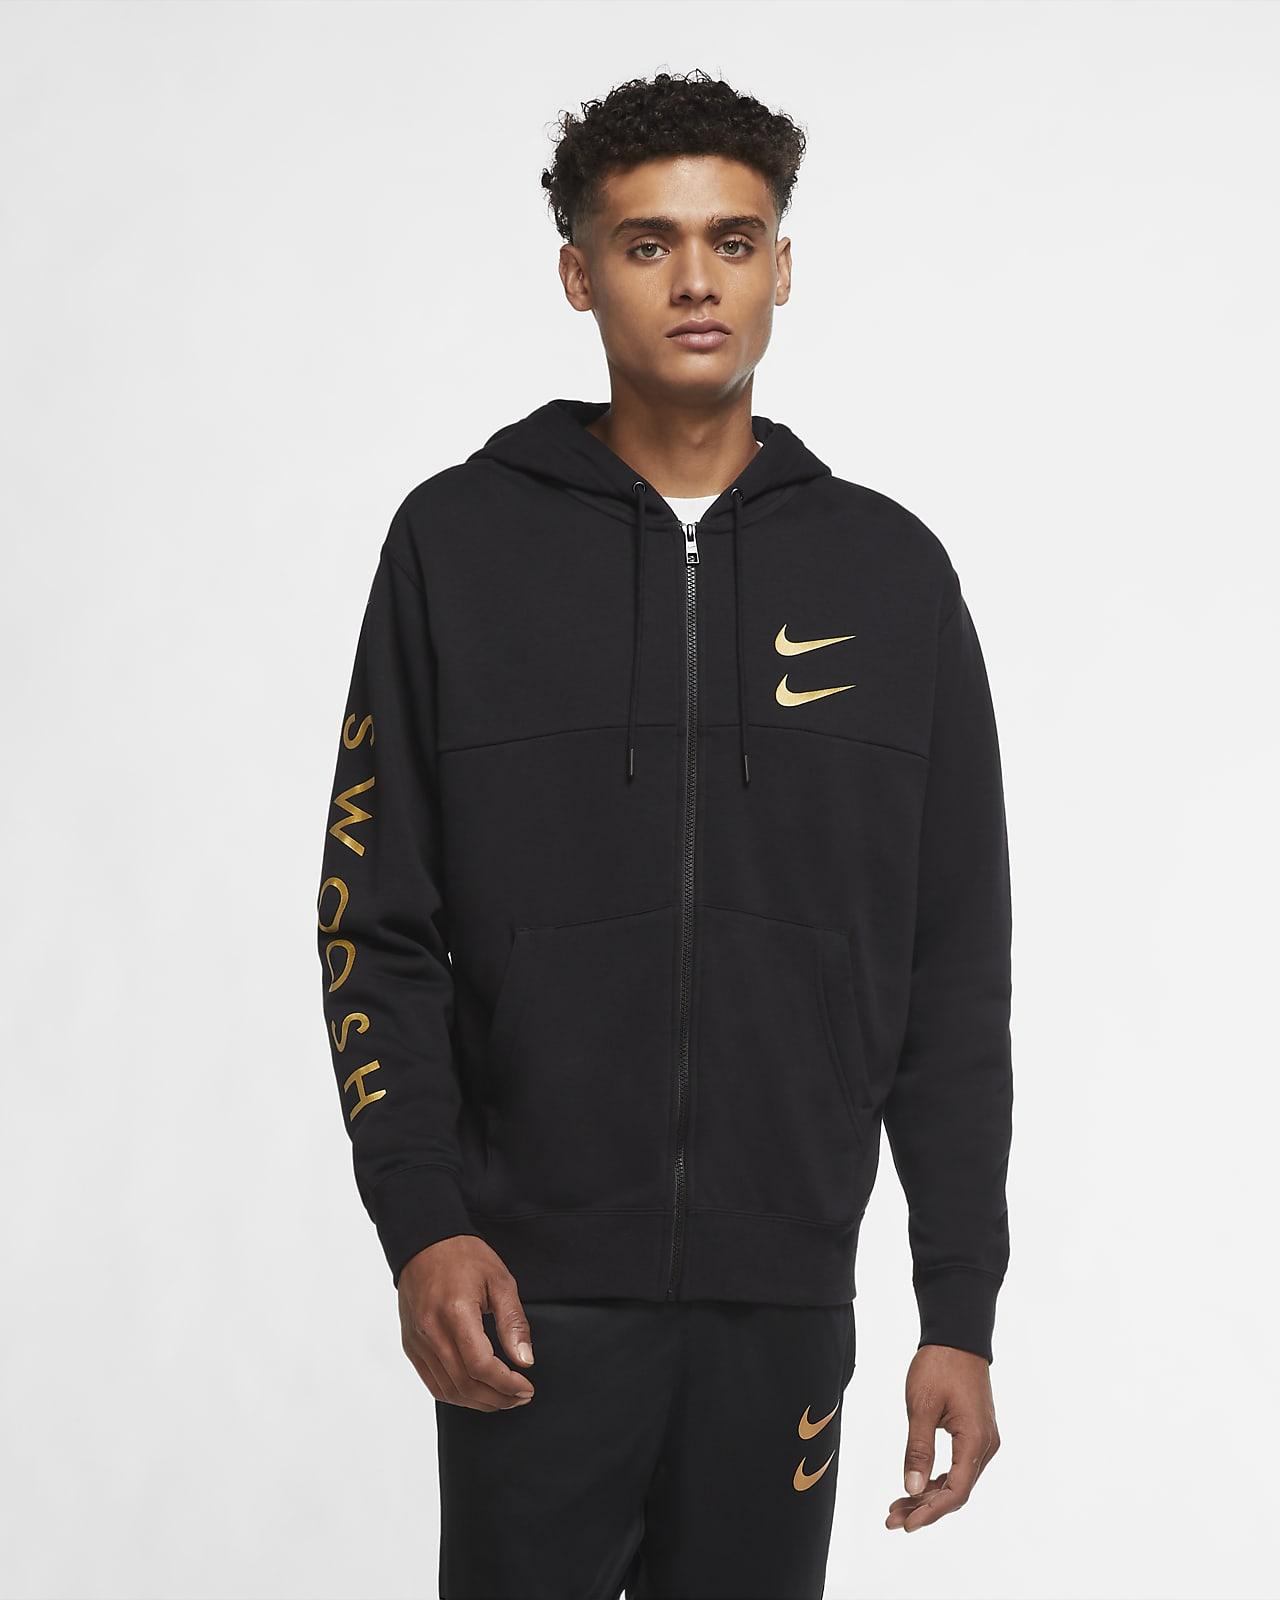 Nike Sportswear Swoosh Herren-Hoodie mit durchgehendem Reißverschluss